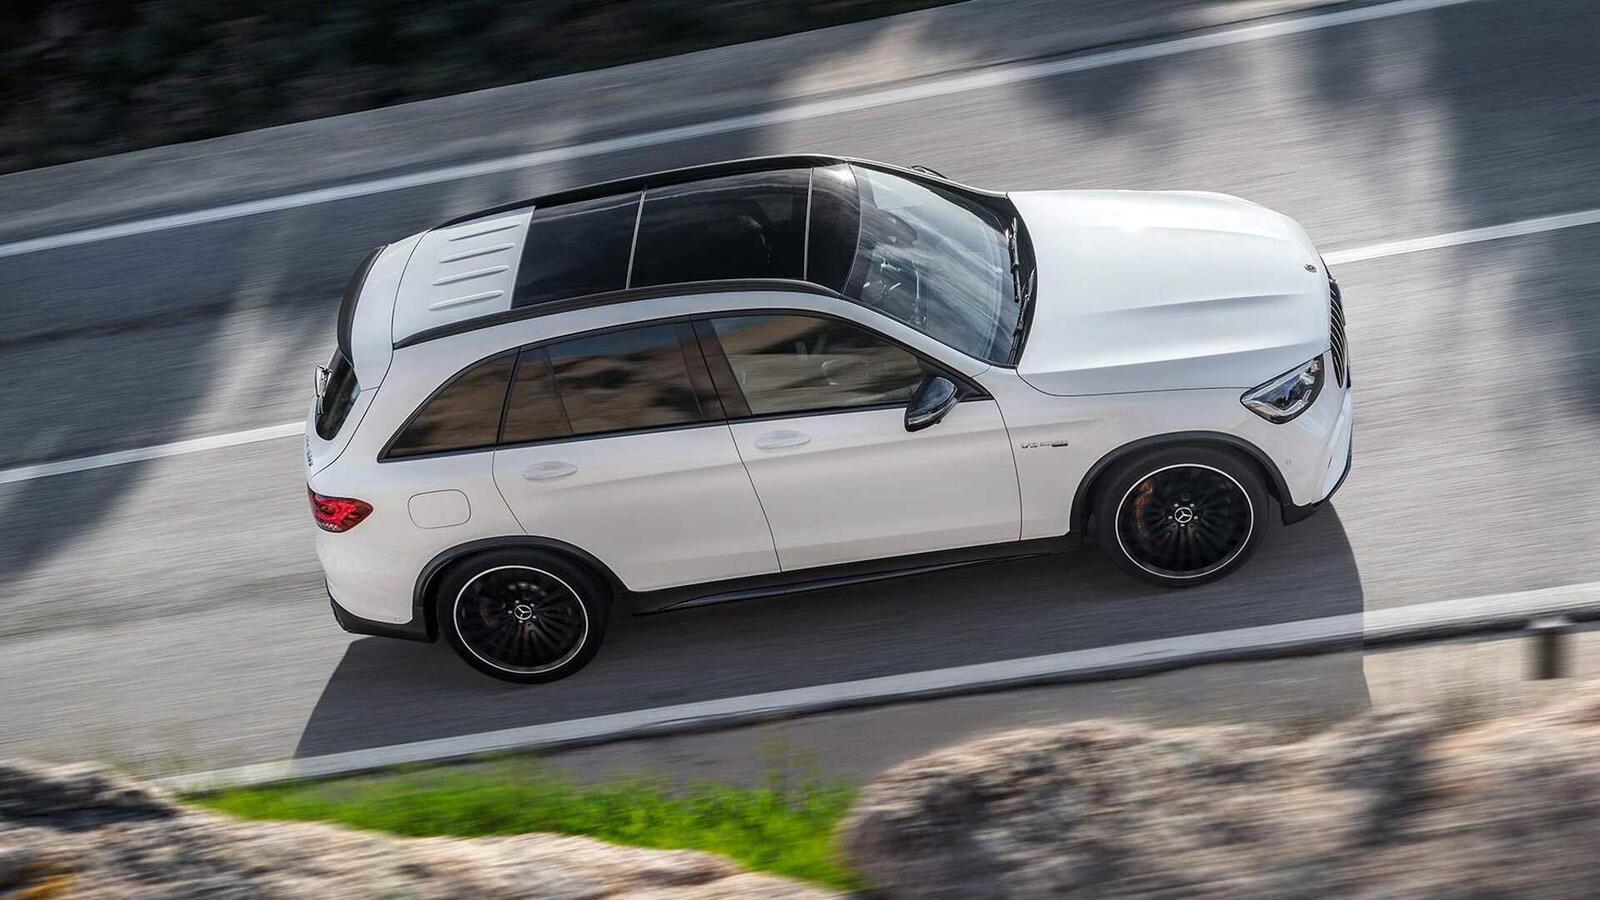 Mercedes-AMG giới thiệu GLC và GLC Coupe 63 mới lắp động cơ V8 4.0L Biturbo mạnh hơn 460 mã lực - Hình 13